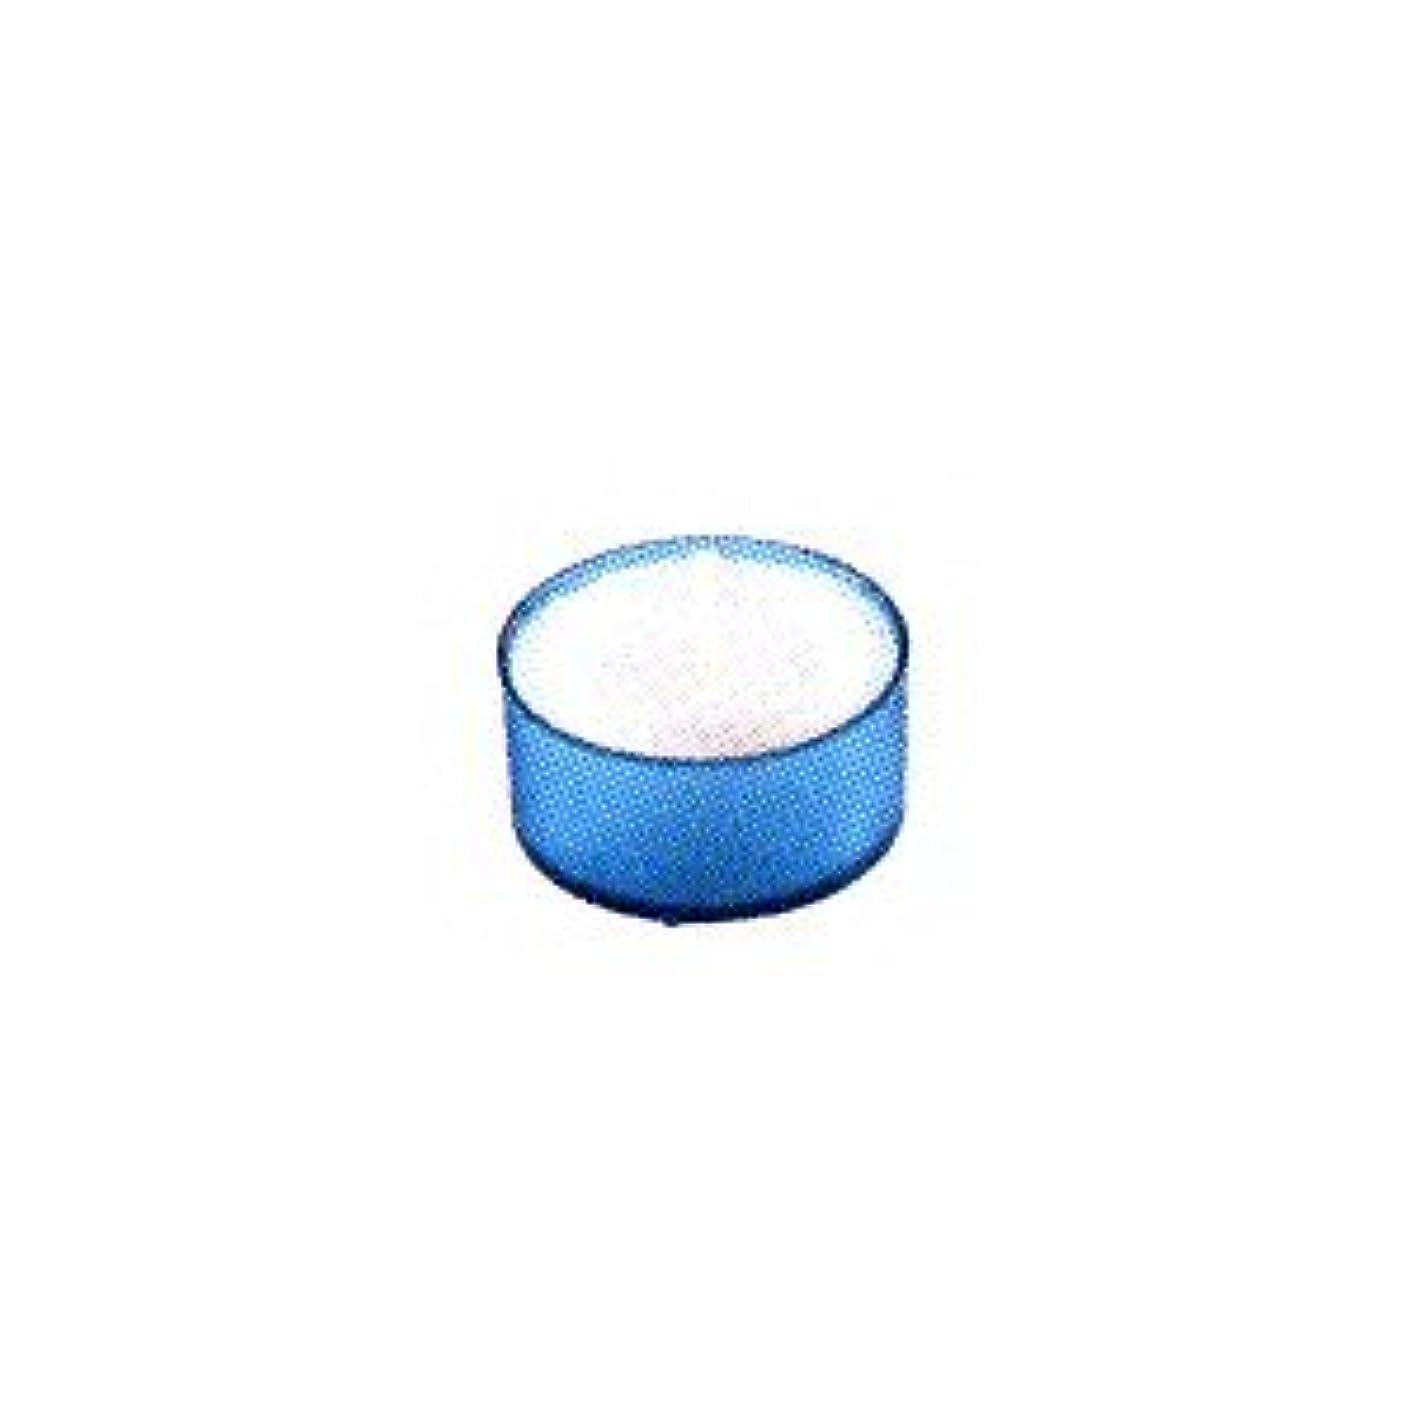 タンク不測の事態緑カメヤマキャンドル カラークリアカップ ティーライト ブルー 24個入